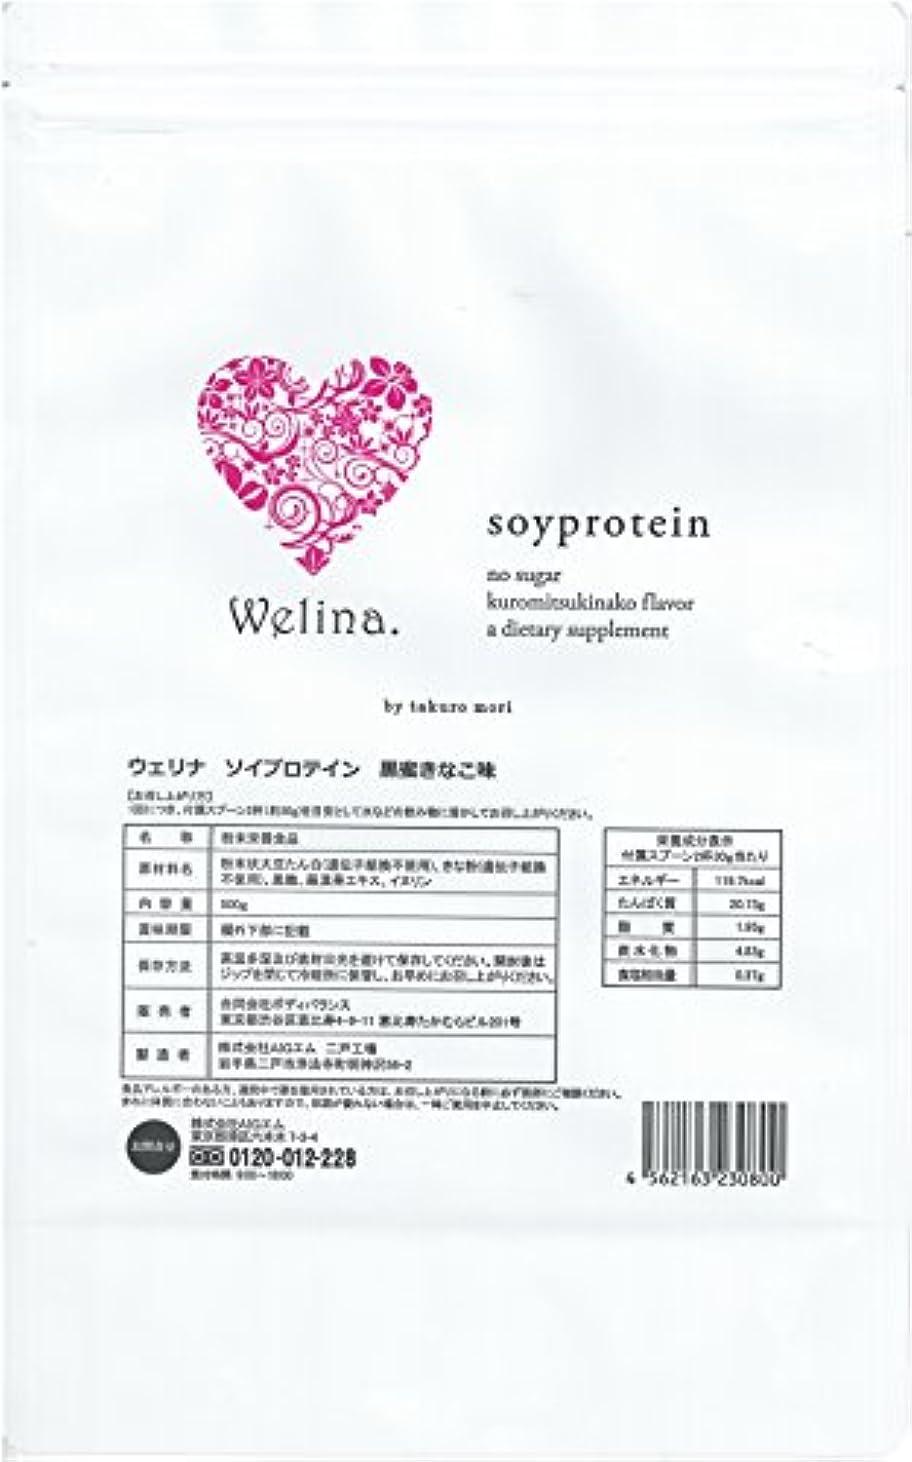 列車雑種匿名ウェリナ ソイプロテイン 黒蜜きなこ味 500g